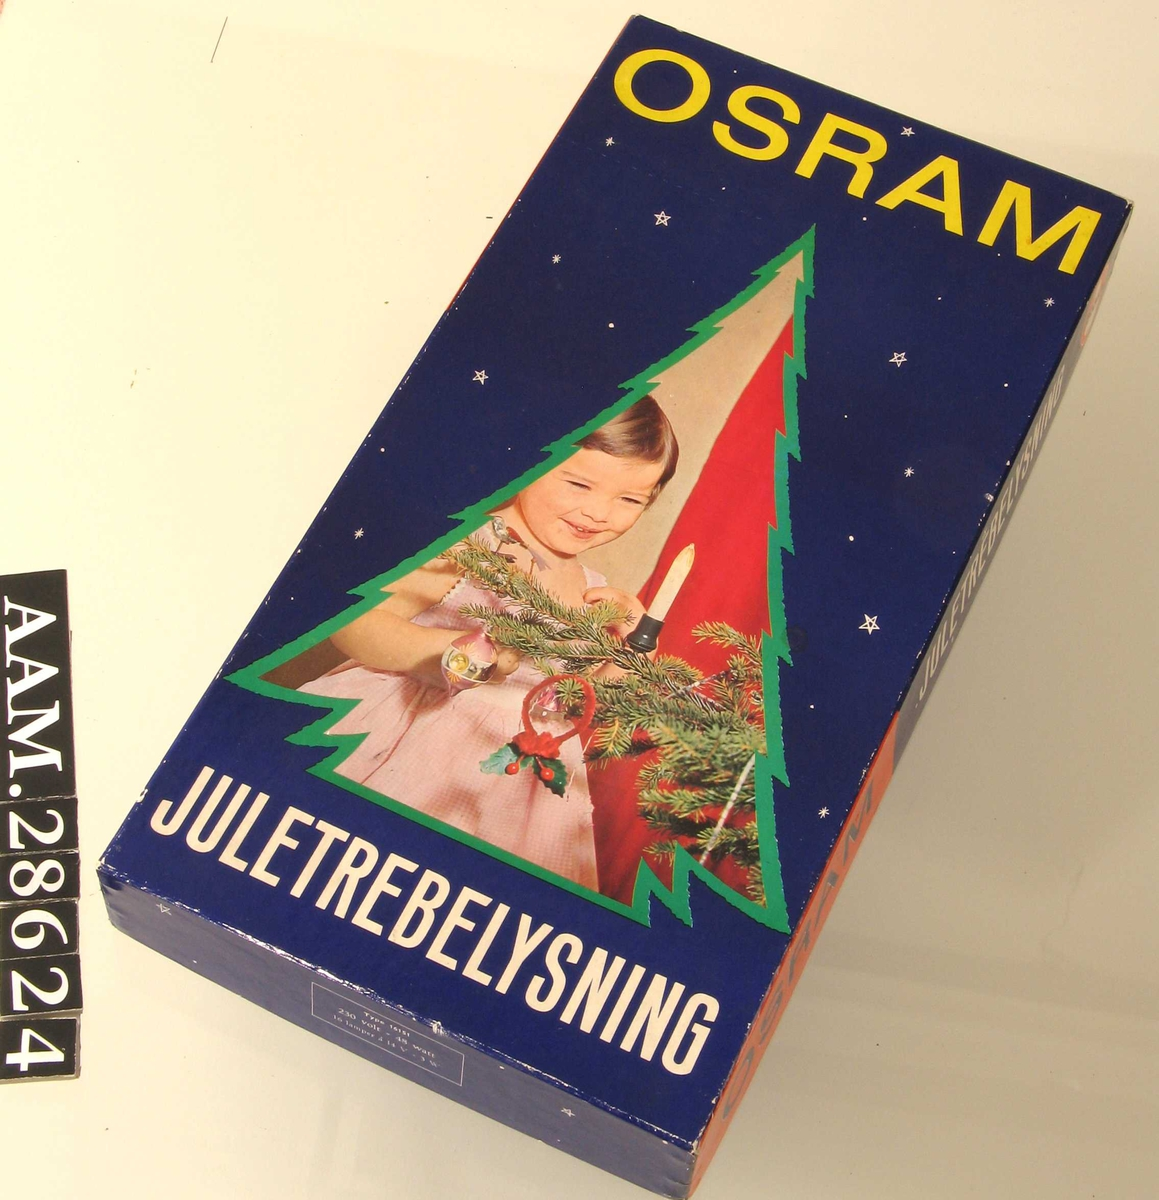 På eskens lokk et utsnitt av et fotografi; ei lita jente som beundrer et elektrisk julelys montert på en grankvist: